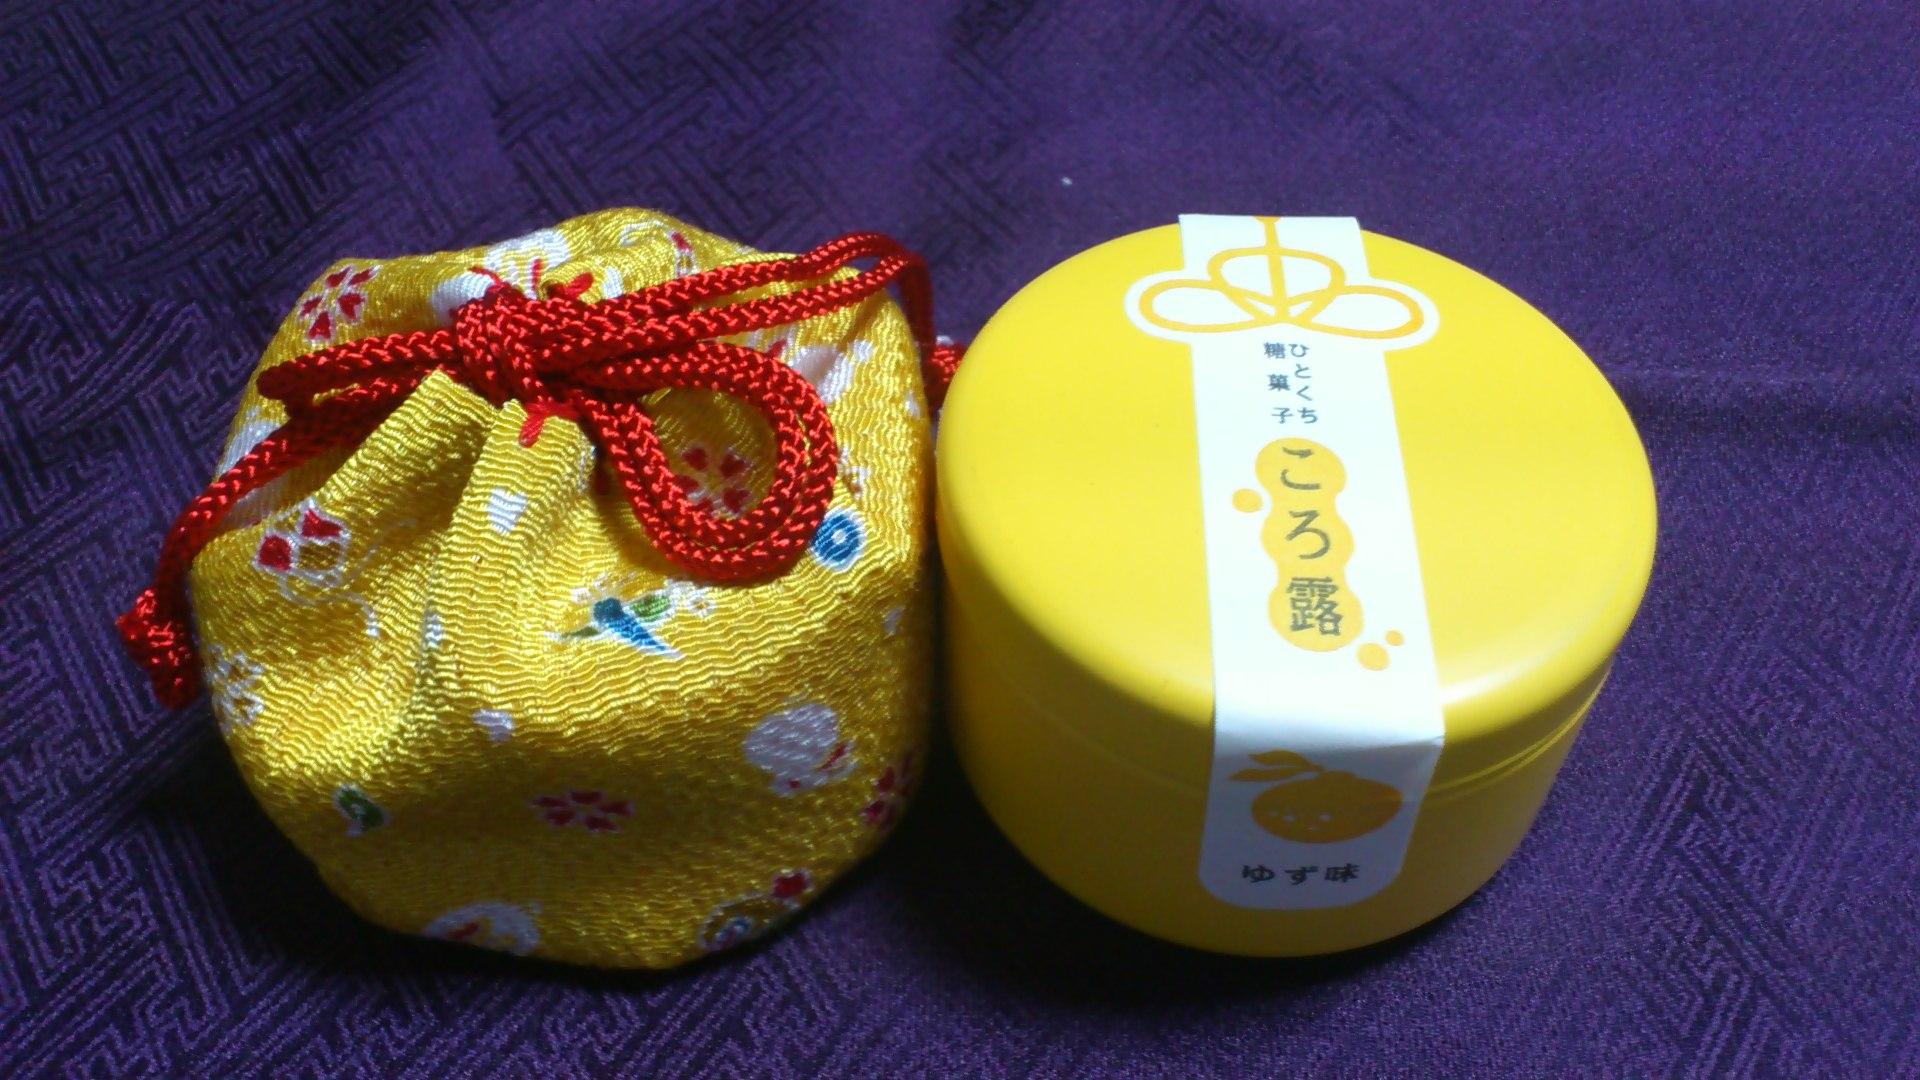 京都の女なら飴ちゃんはこうして持つ。